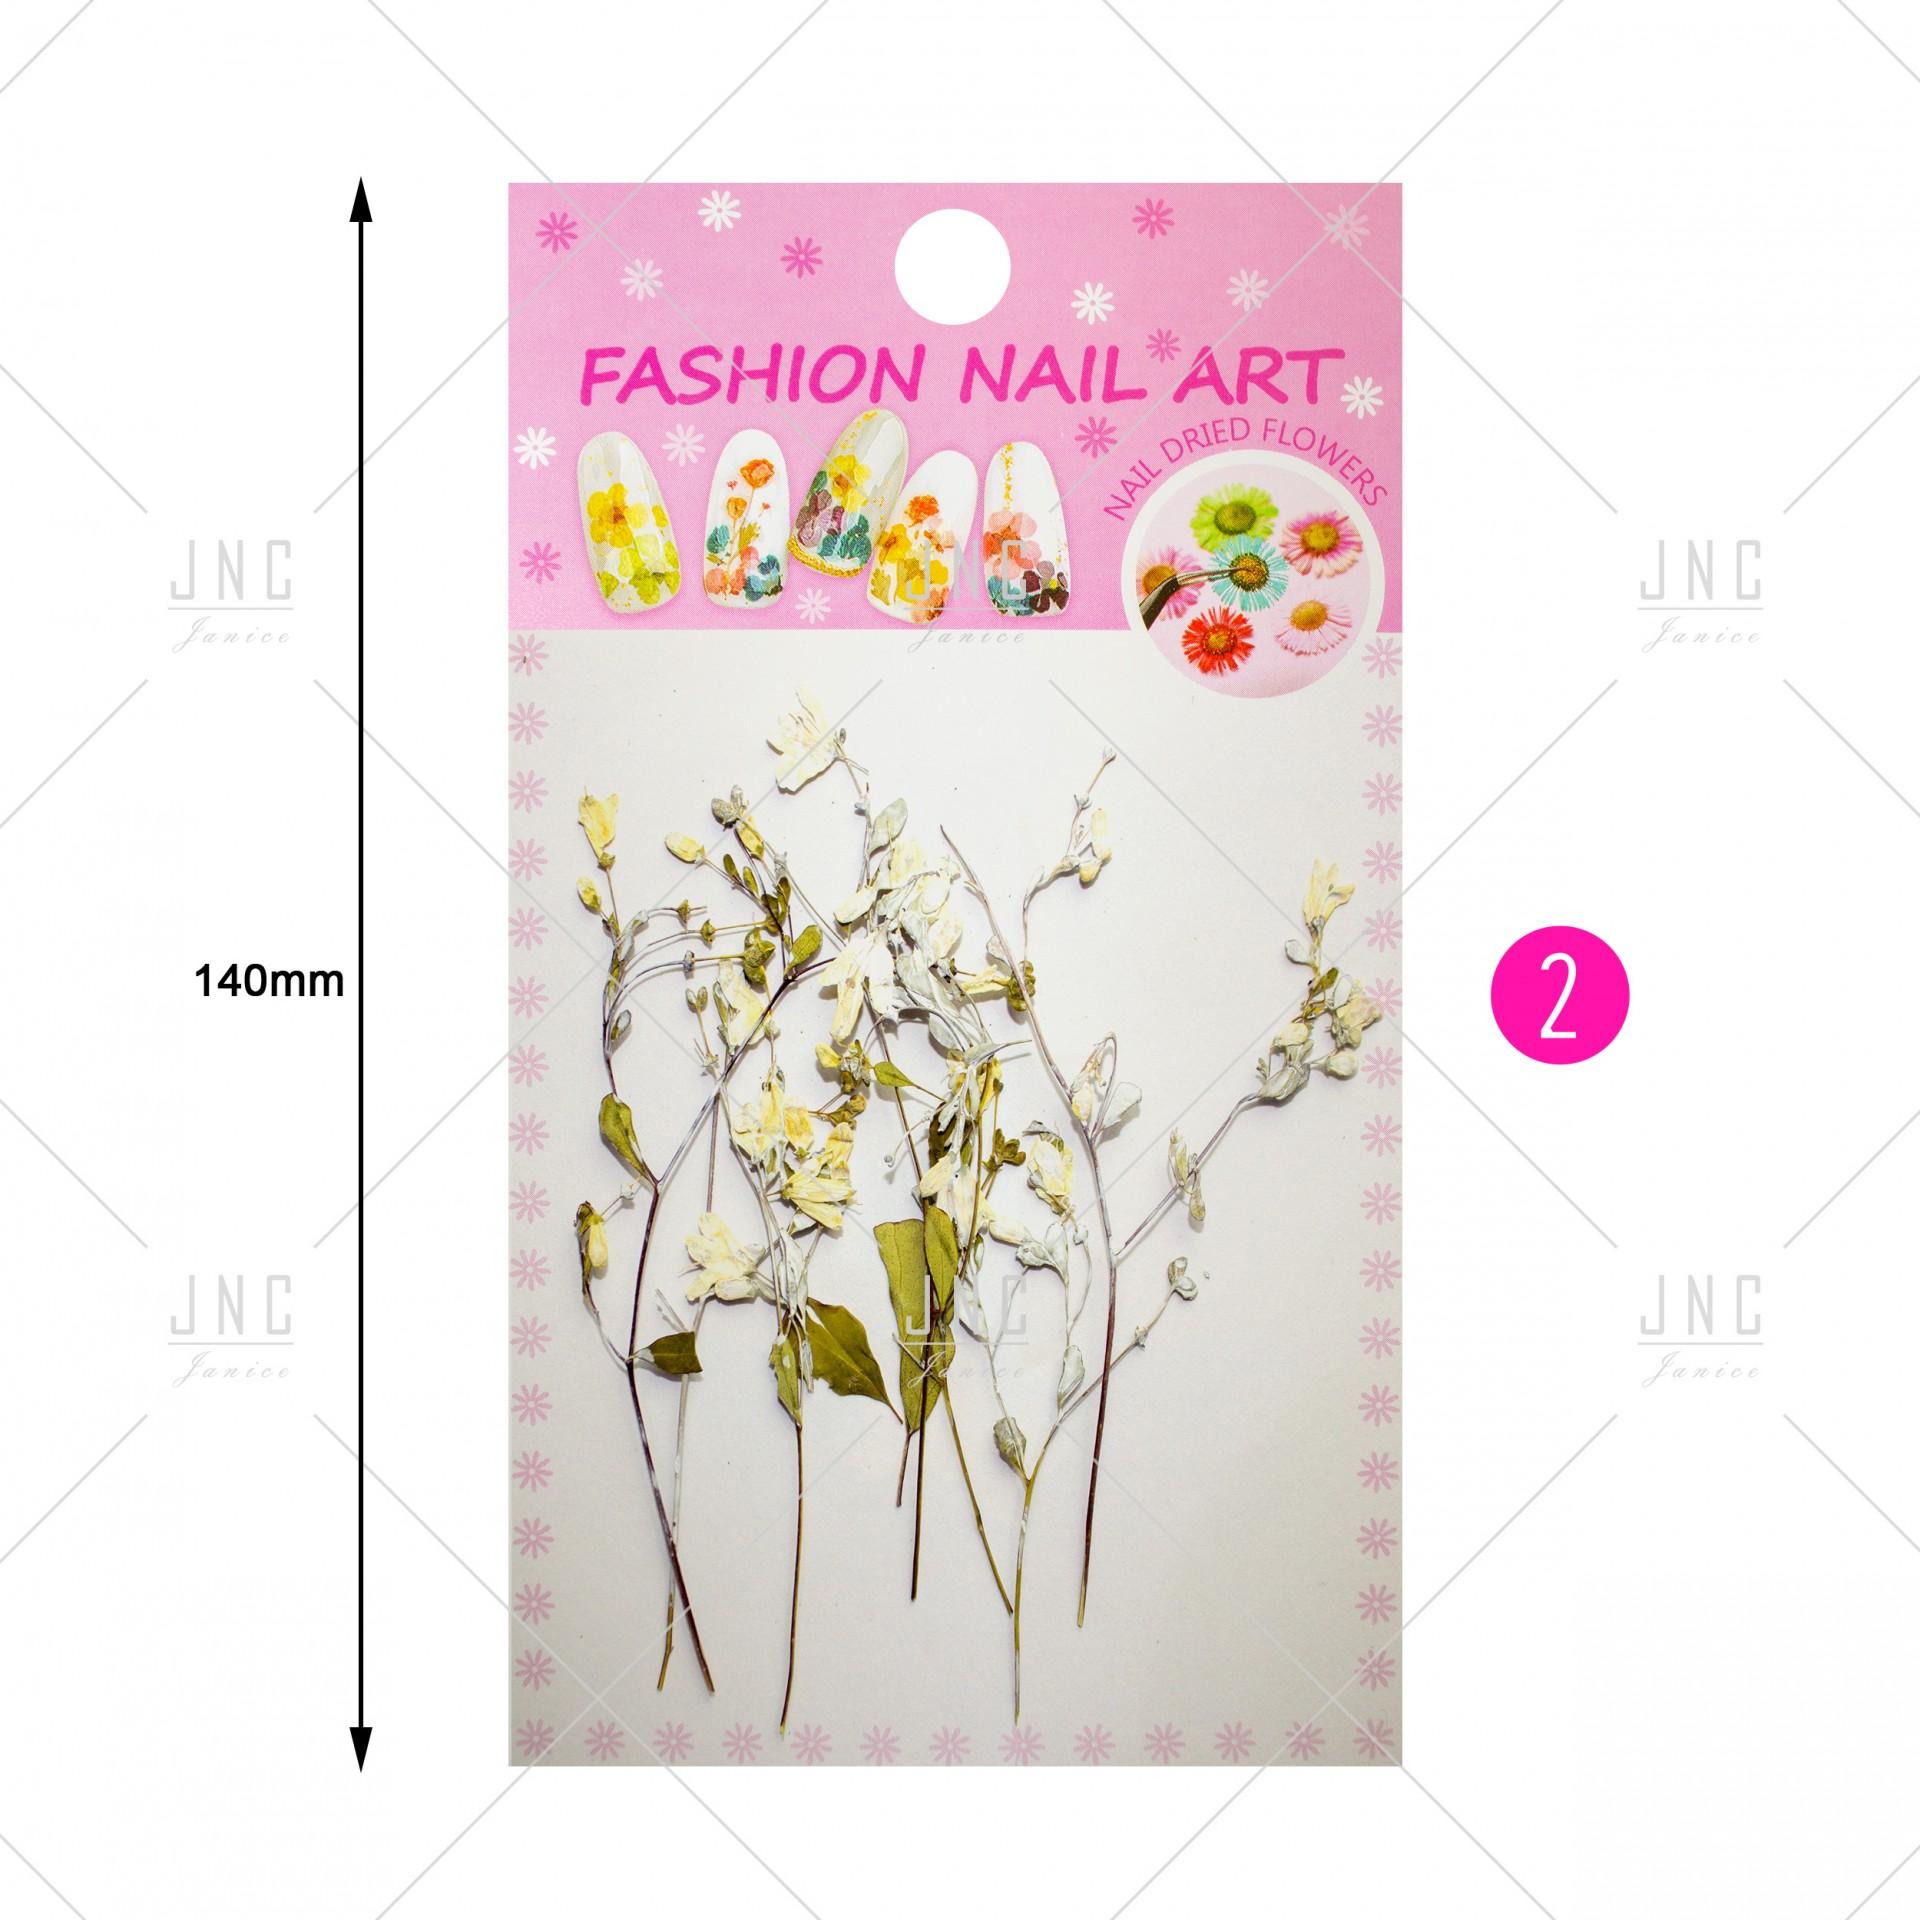 Flores Secas para Nail Art | Ref.861922